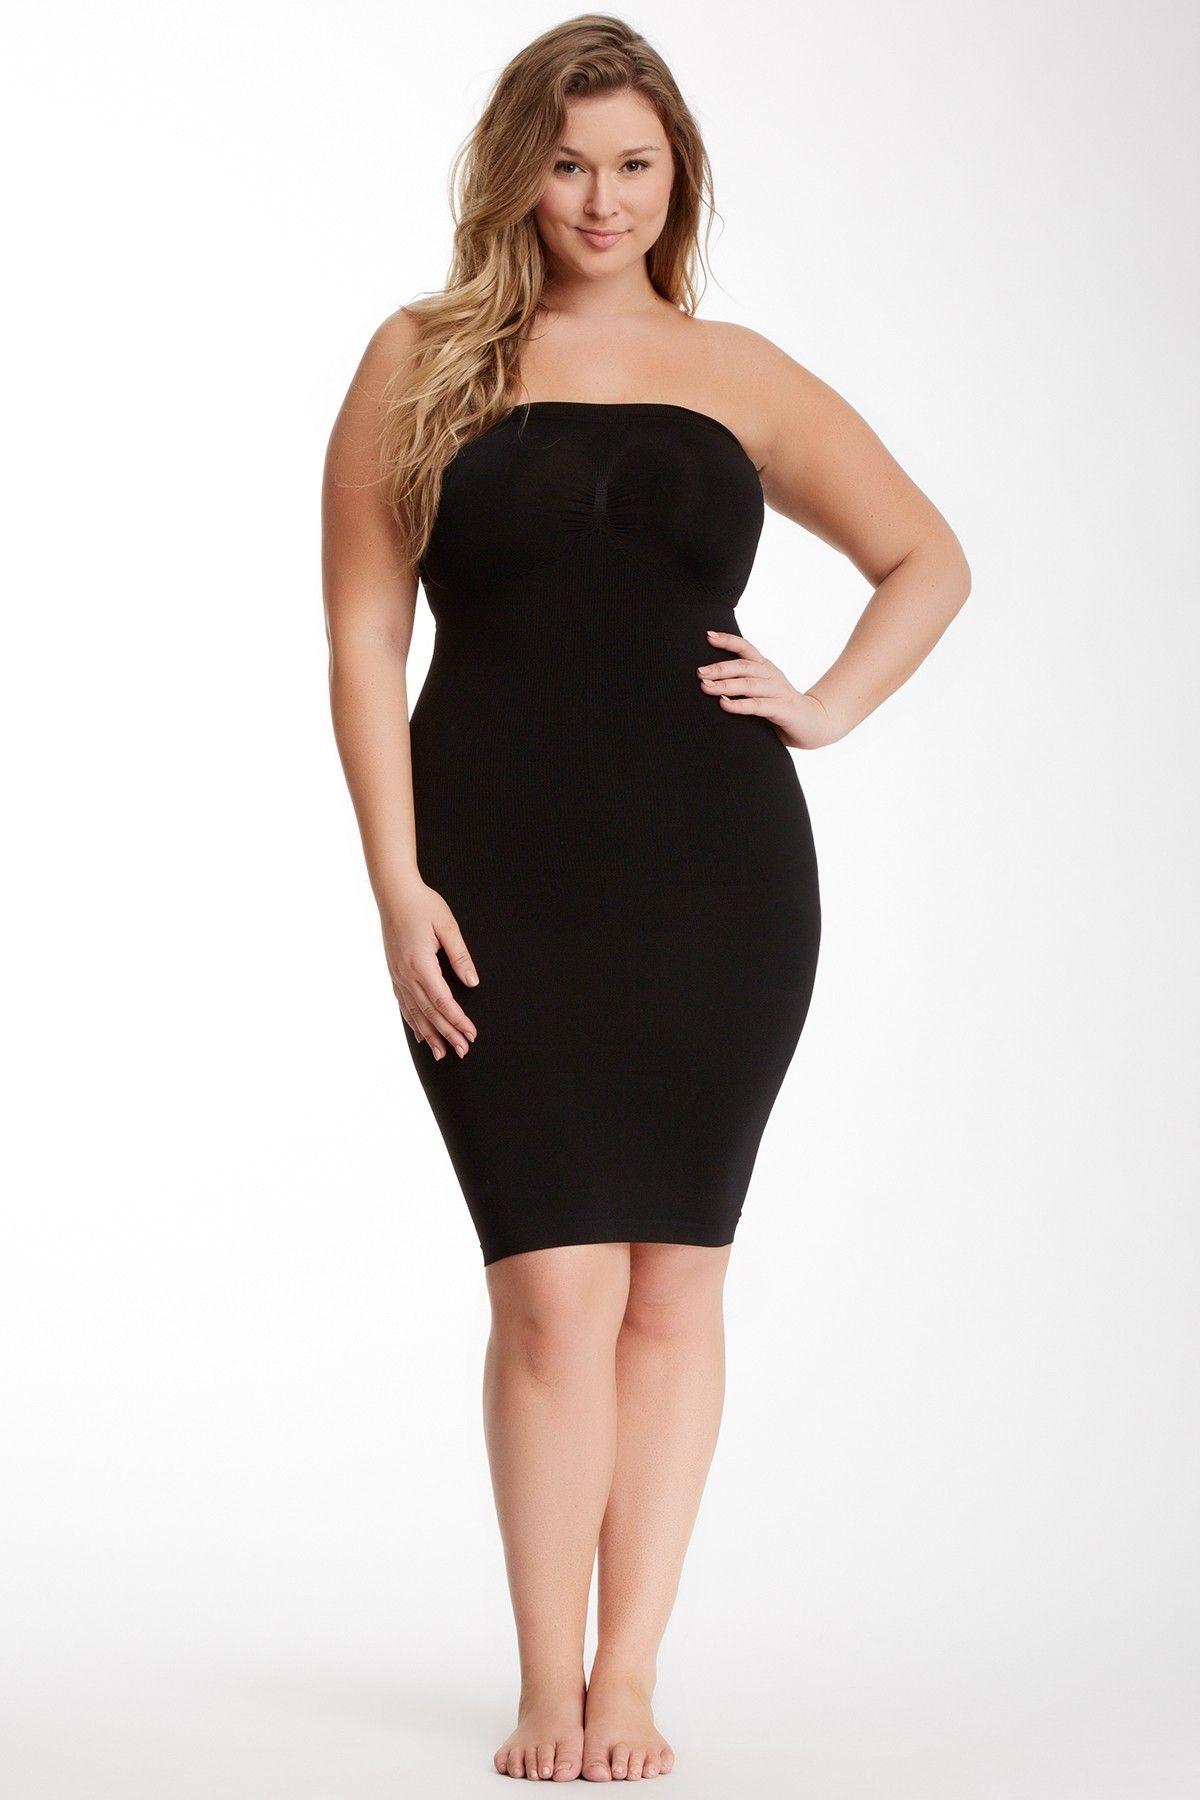 Julie France Shapewear Regular Strapless Dress Shaper Plus Size Nordstrom Rack